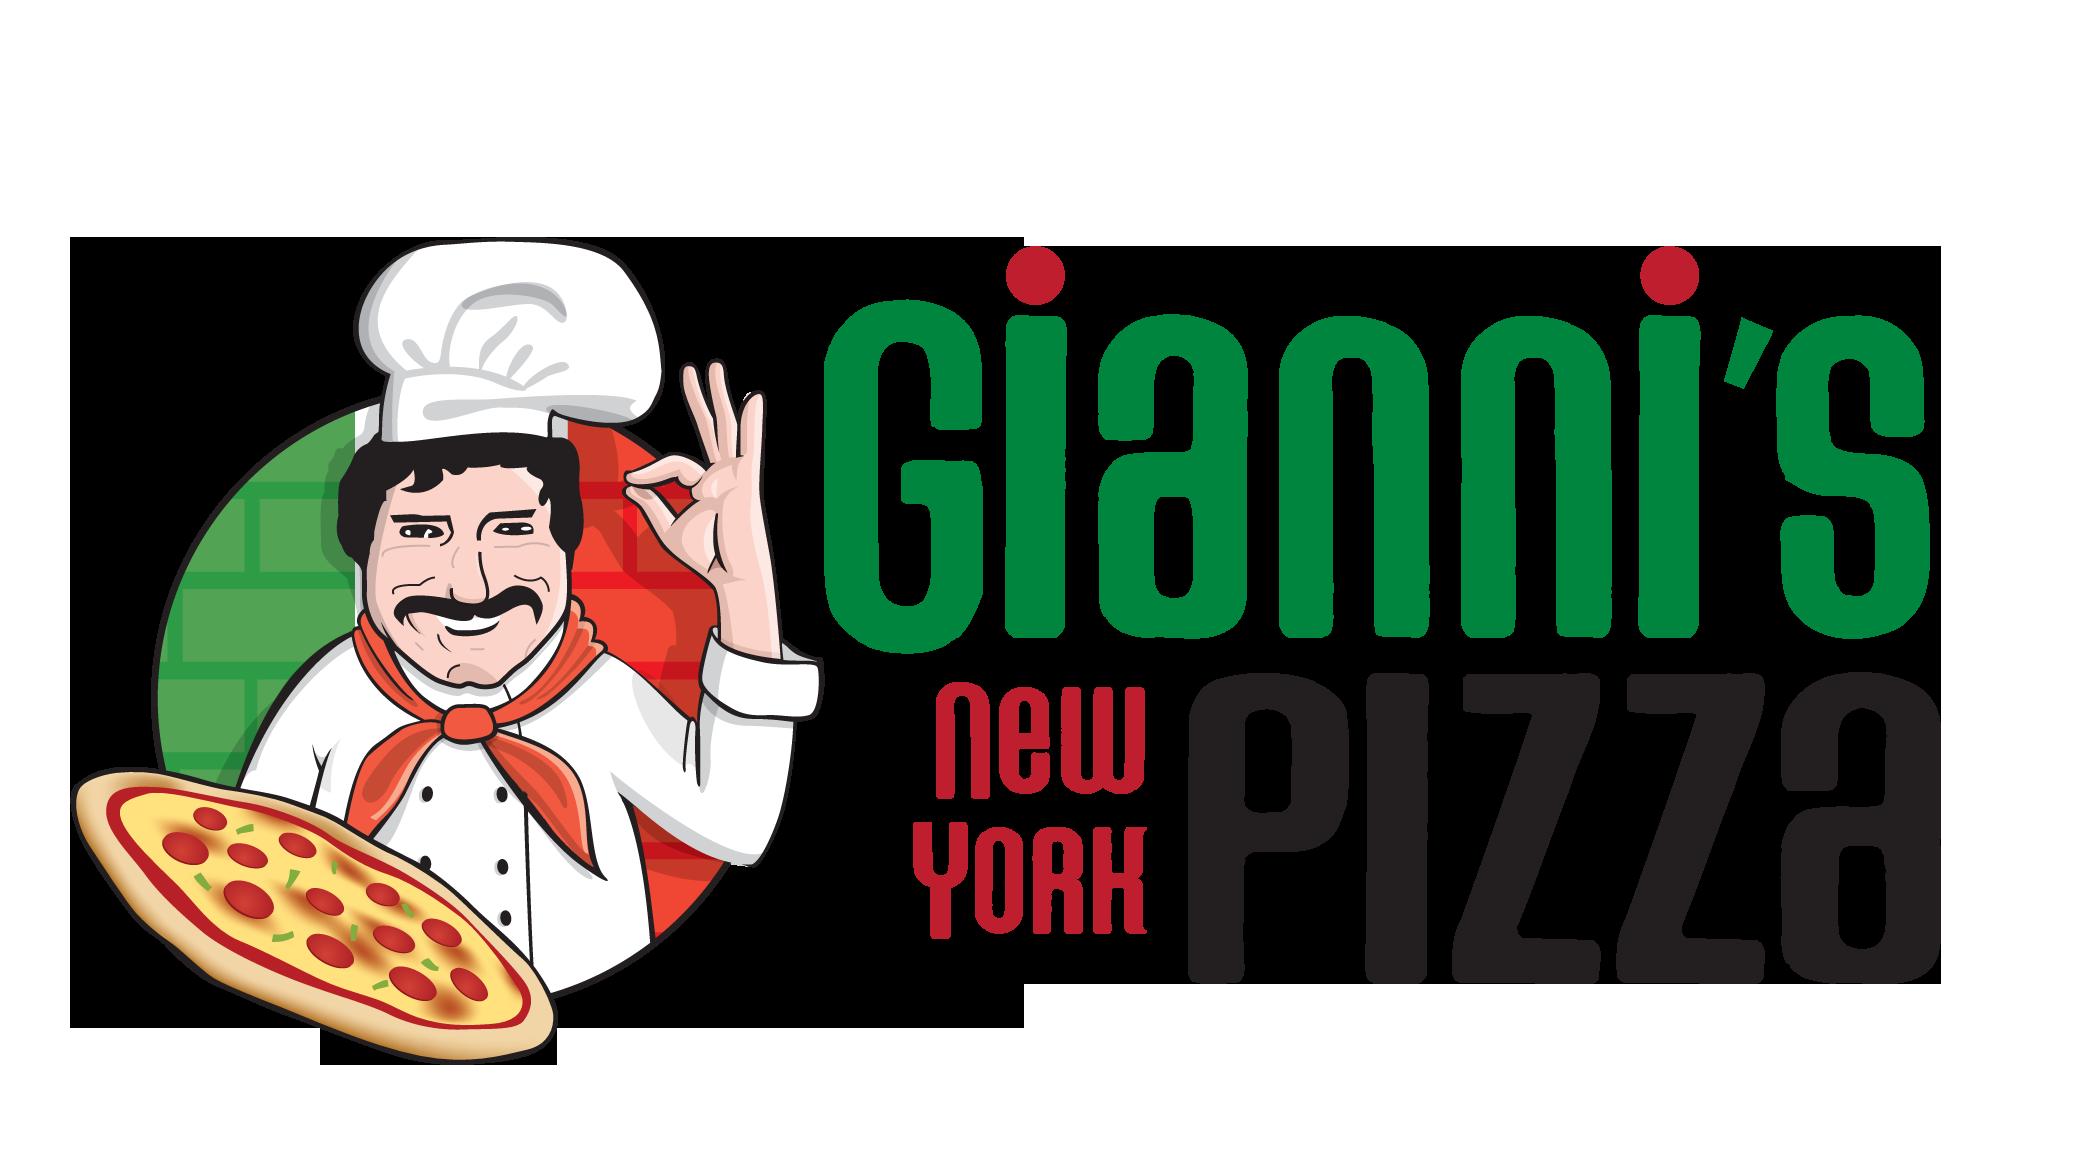 Gianni's Ny Pizza